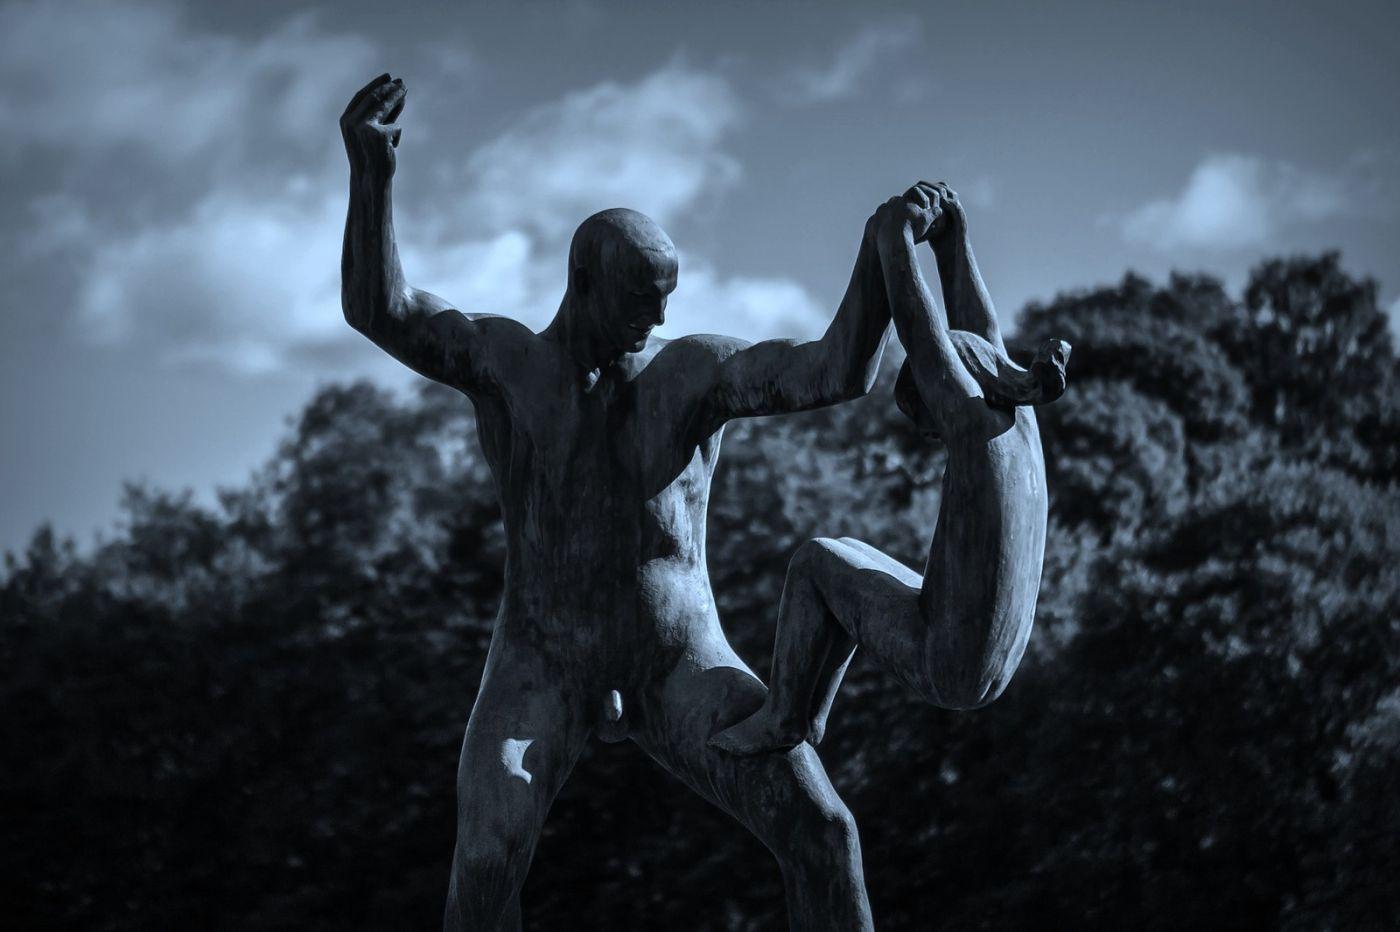 挪威维格兰雕塑公园,艺术的确来自生活_图1-7